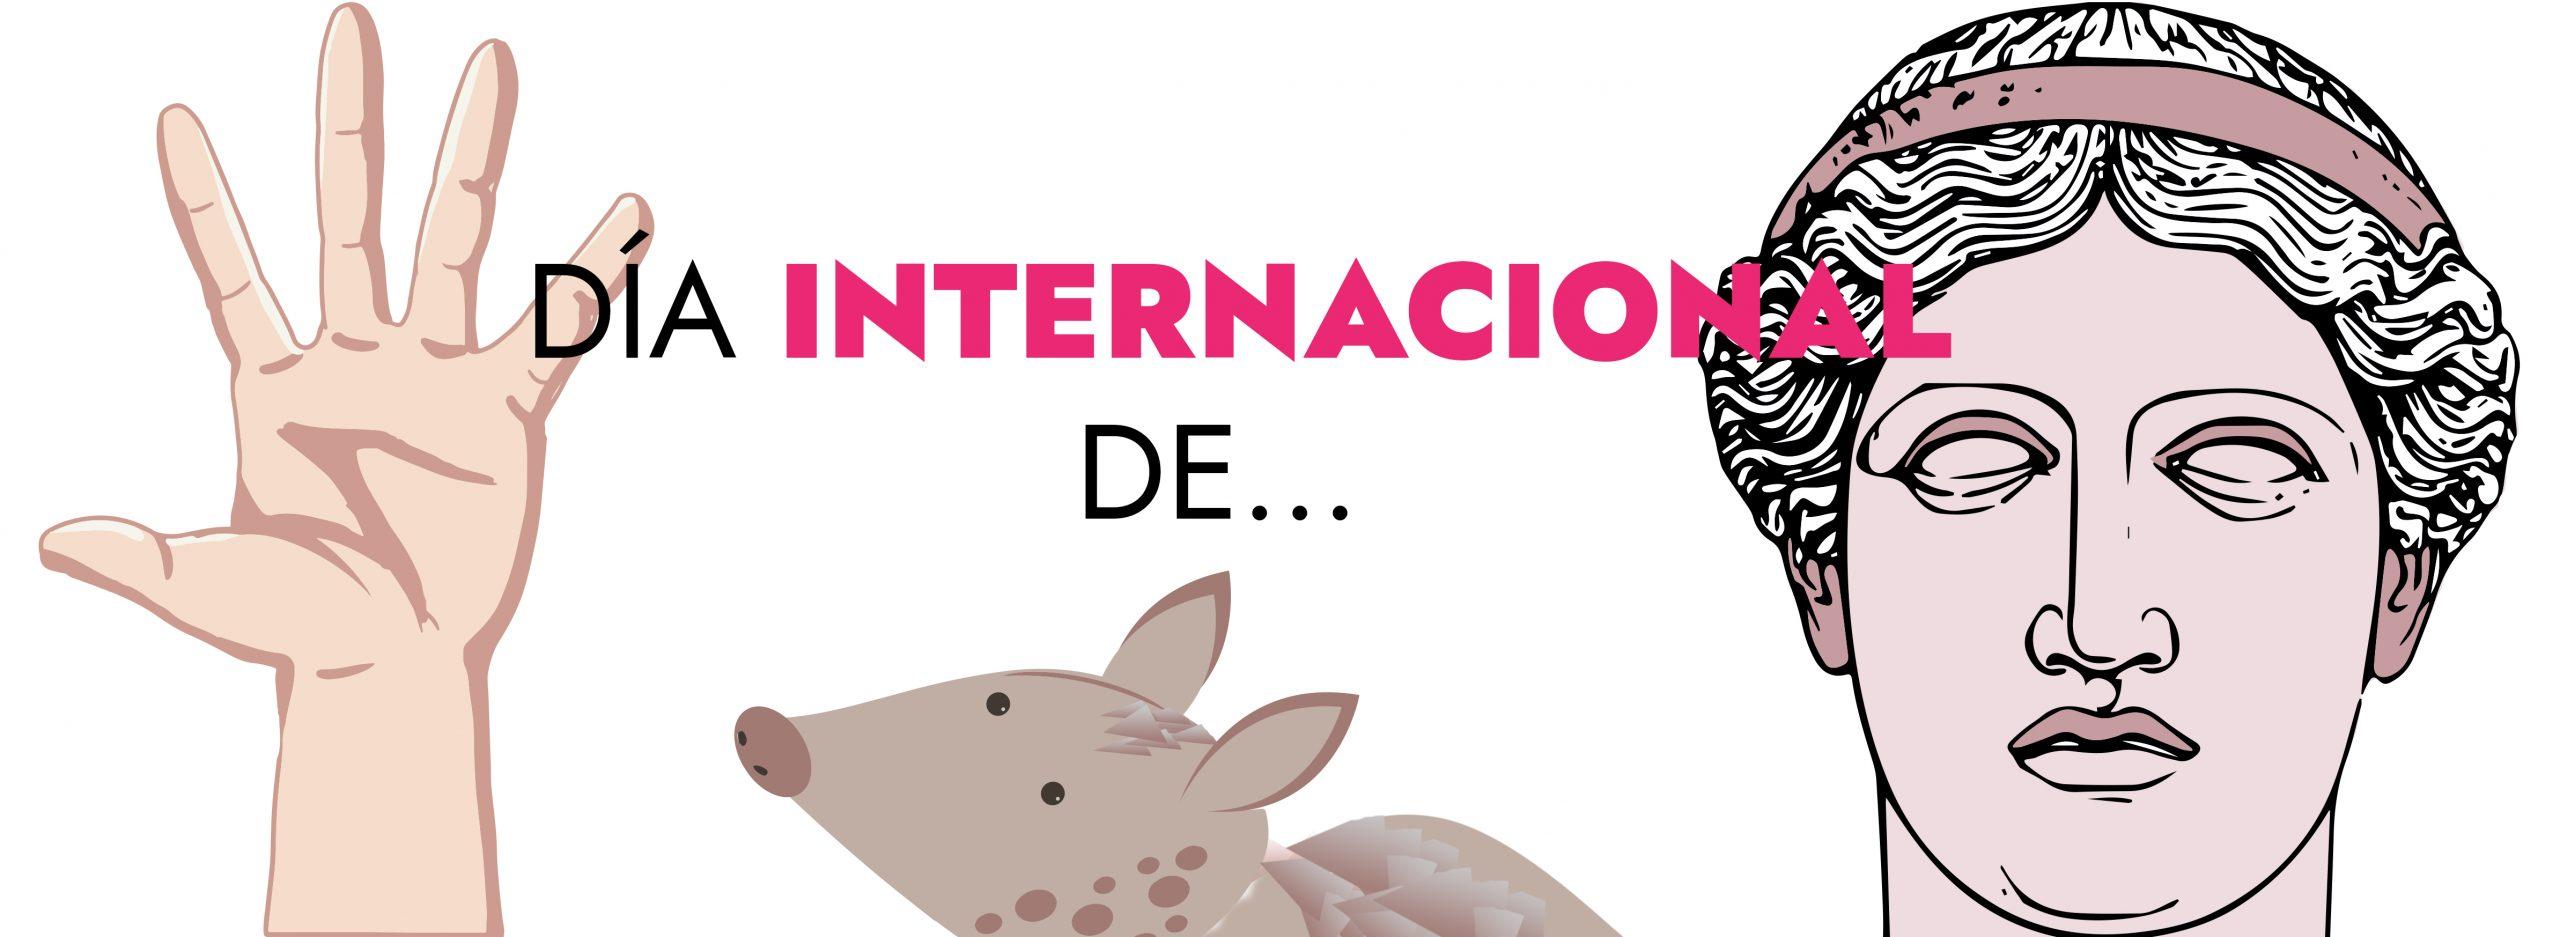 dia internacional de zurdos armadillos artemisa